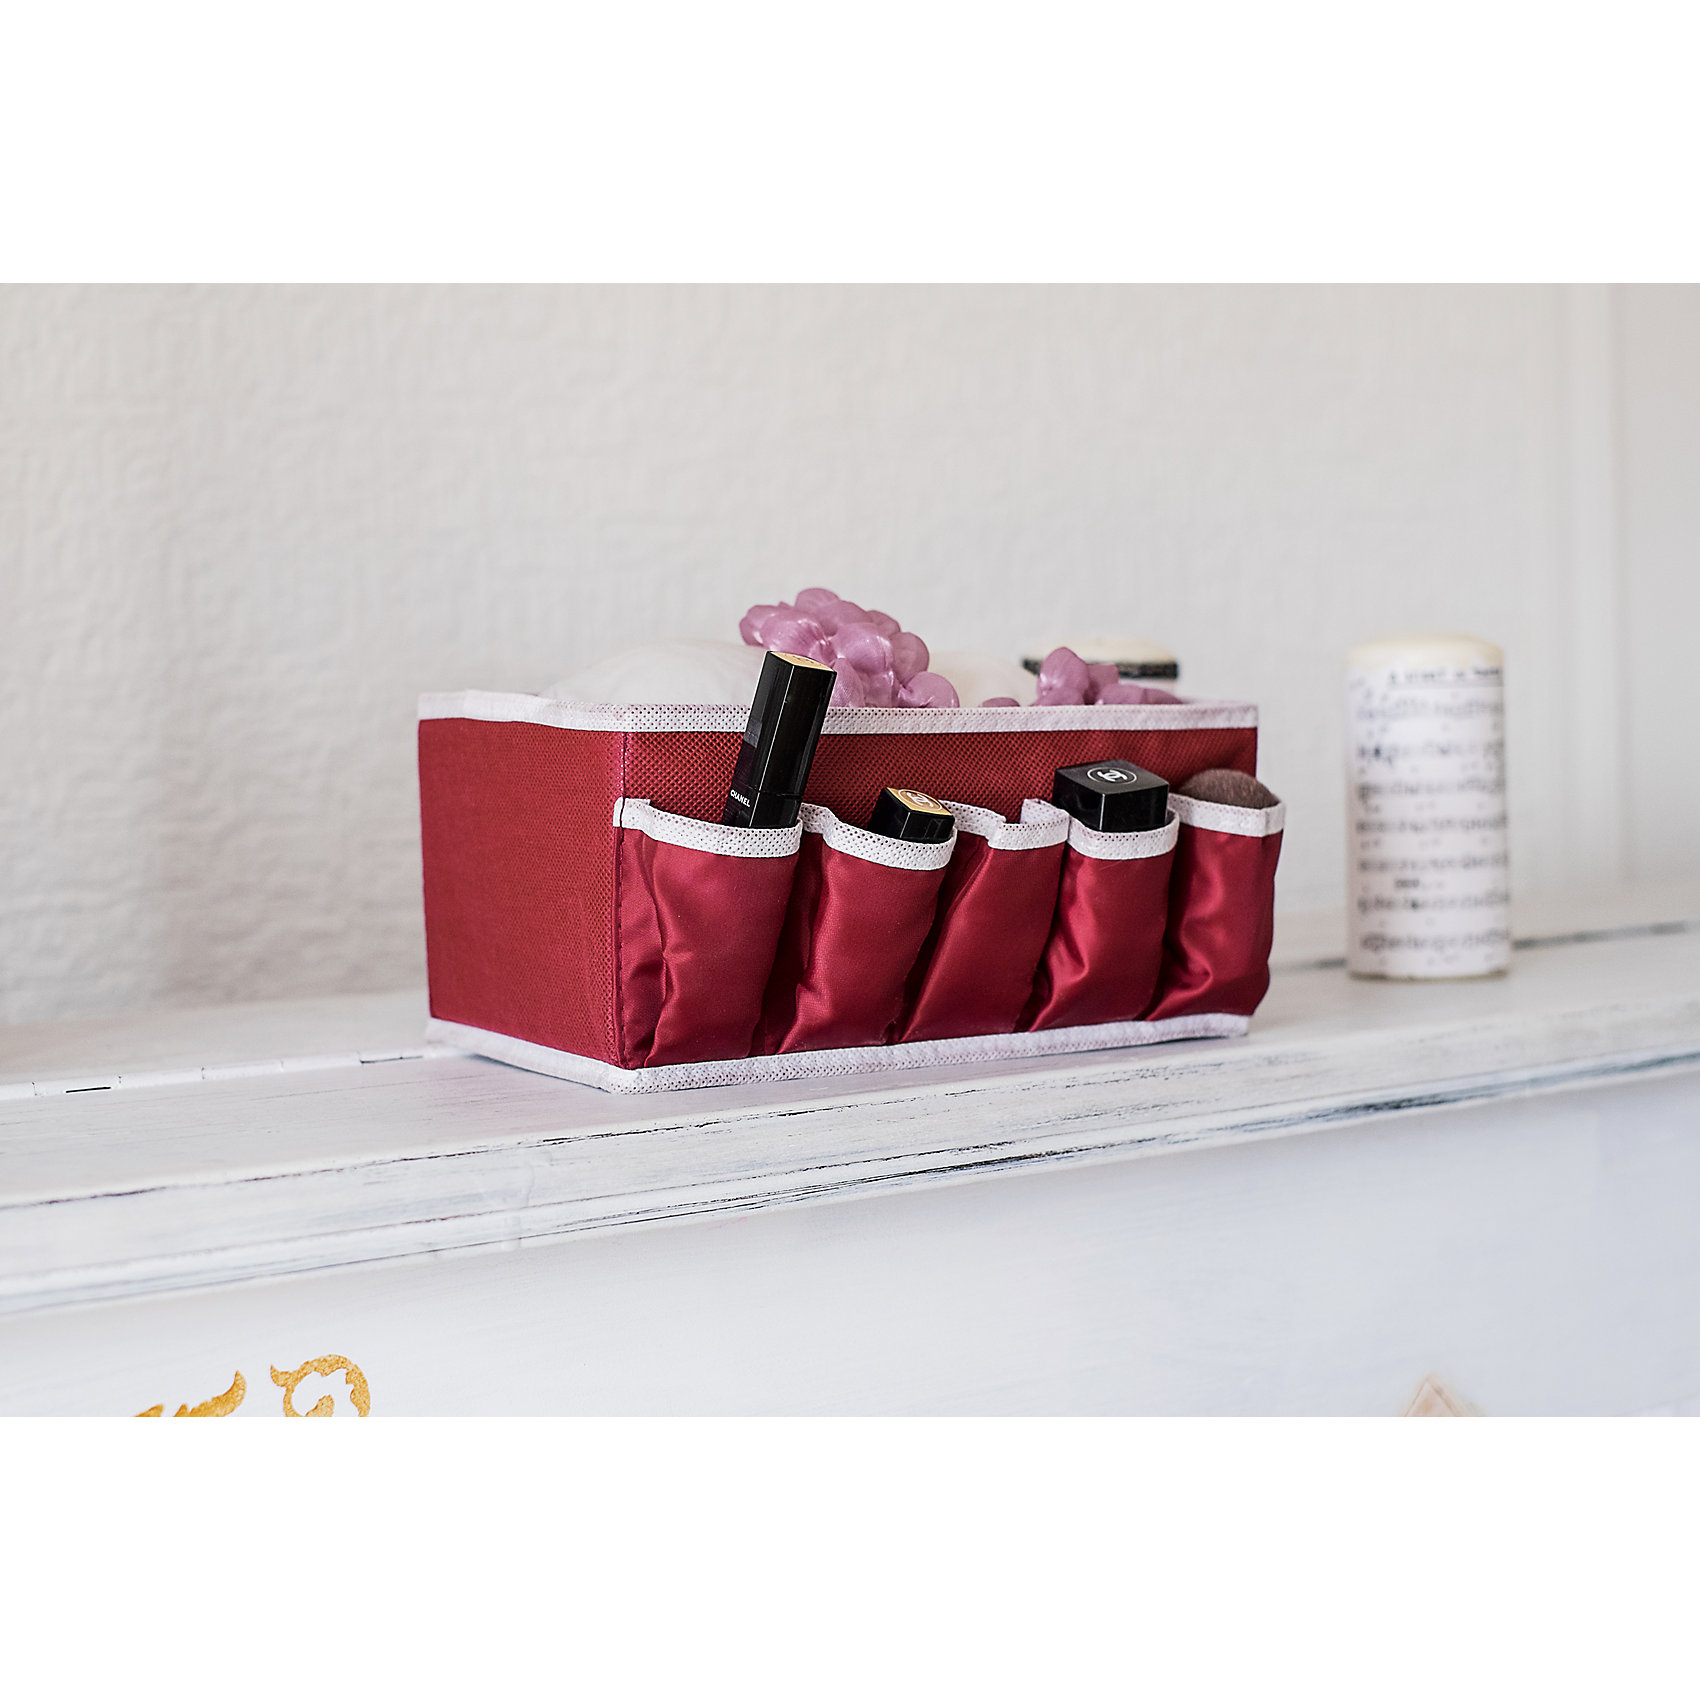 Коробочка для косметики и мелочей Red Rose, HomsuПорядок в детской<br>Характеристики товара:<br><br>• цвет: бордовый<br>• материал: полиэстер, картон<br>• размер: 25х15х12 см<br>• вес: 100 г<br>• легкий прочный каркас<br>• обеспечивает естественную вентиляцию<br>• вместимость: 6 отделений<br>• страна бренда: Россия<br>• страна изготовитель: Китай<br><br>Коробочка для косметики и мелочей Red Rose от бренда Homsu (Хомсу) - очень удобная вещь для хранения вещей и эргономичной организации пространства.<br><br>Предмет легкий, устойчивый, вместительный, обеспечивает естественную вентиляцию.<br><br>Коробочку для косметики и мелочей Red Rose, Homsu можно купить в нашем интернет-магазине.<br><br>Ширина мм: 420<br>Глубина мм: 150<br>Высота мм: 20<br>Вес г: 100<br>Возраст от месяцев: 216<br>Возраст до месяцев: 1188<br>Пол: Унисекс<br>Возраст: Детский<br>SKU: 5620232